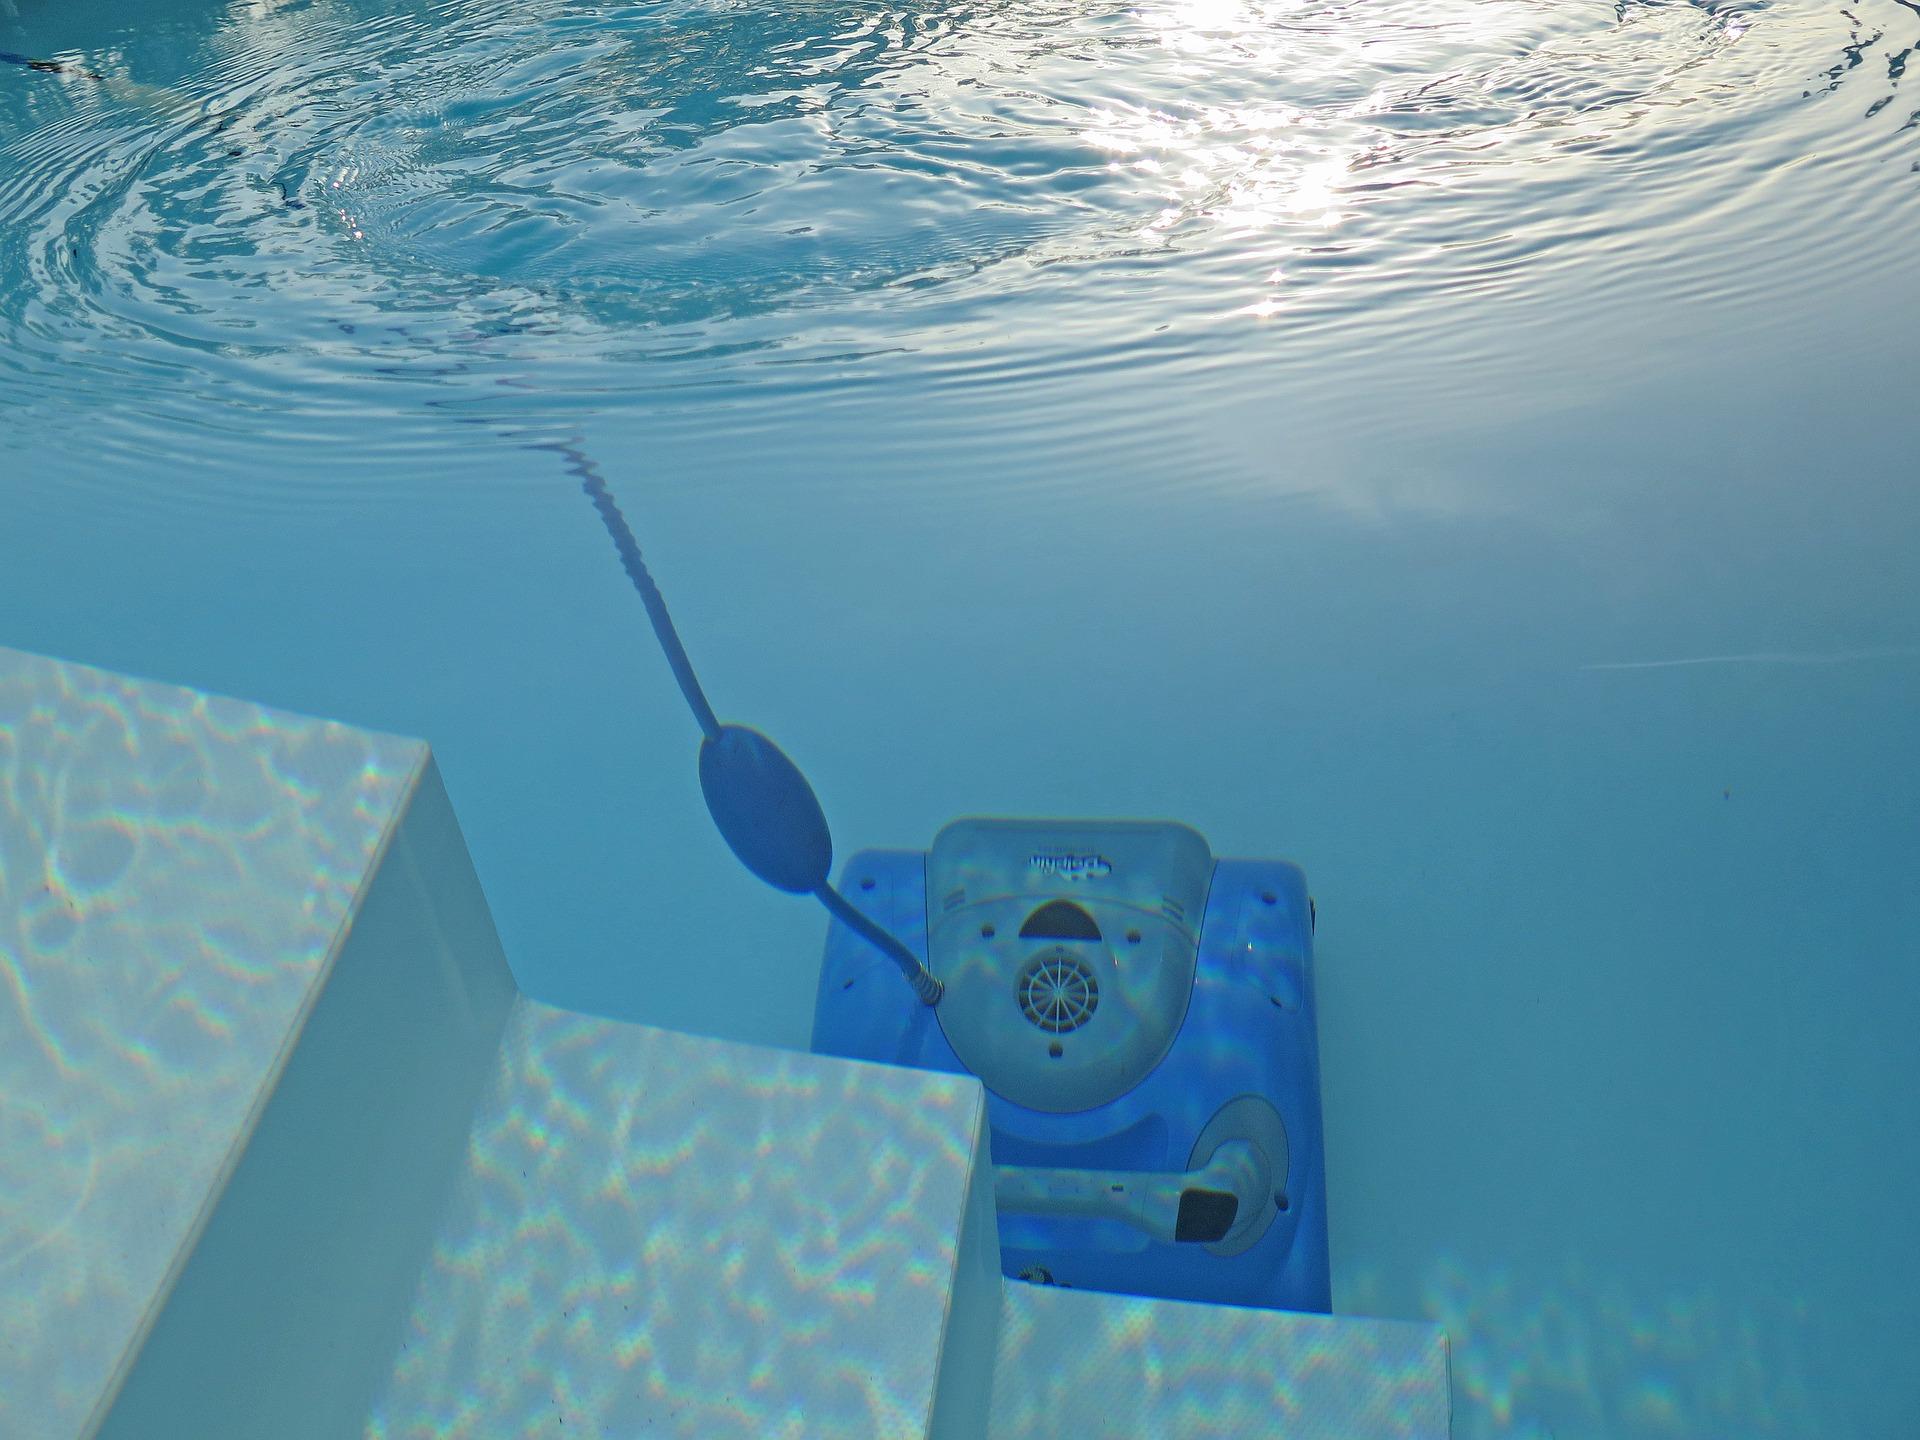 Bazénový vysavač je cenným pomocníkem při údržbě bazénu